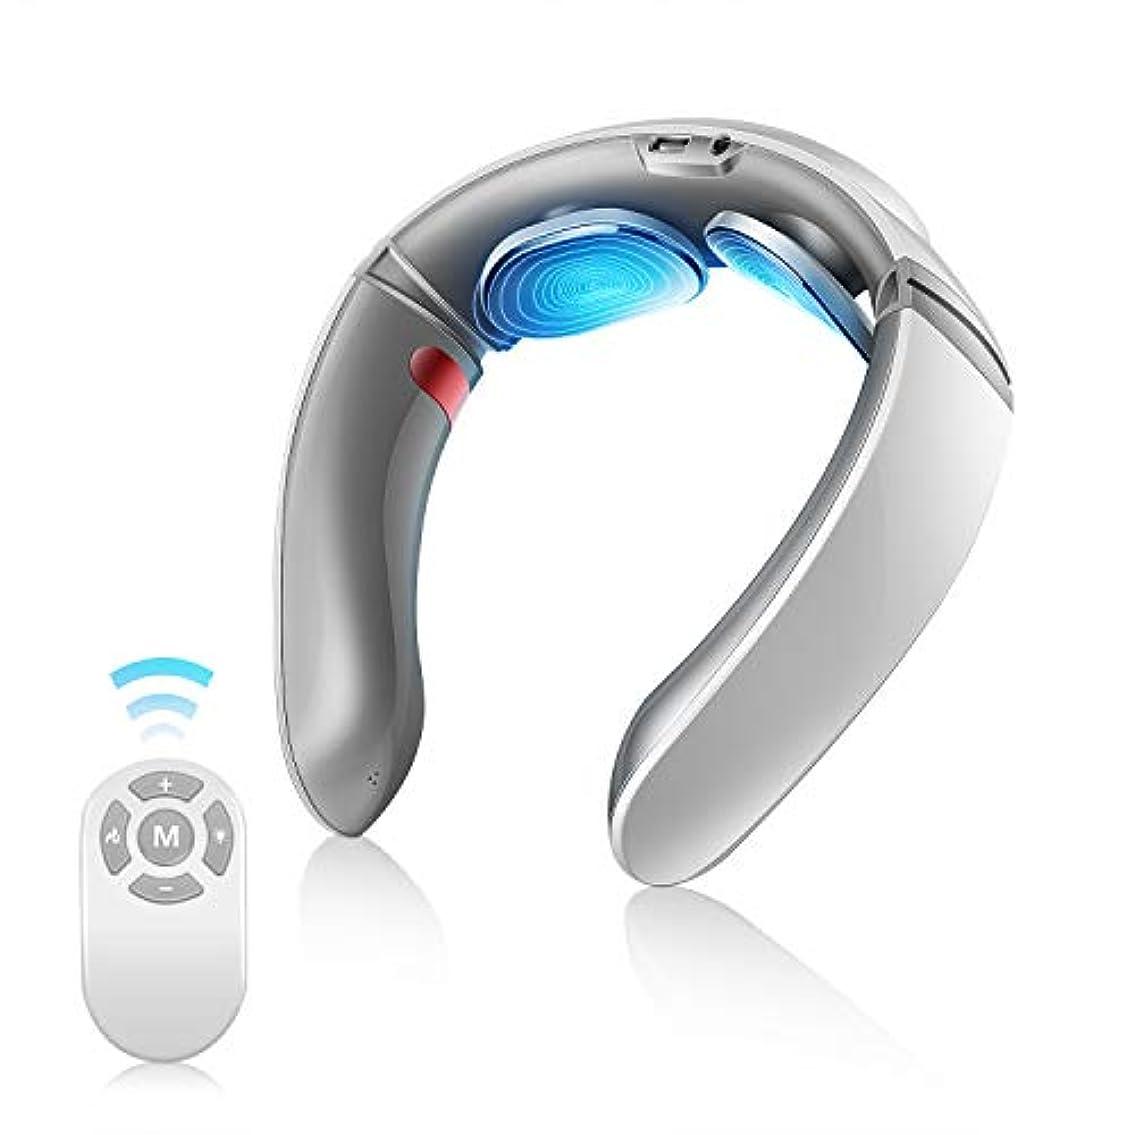 品写真垂直首マッサージャー フットマッサージャー マッサージ器 マッサージクッション ヒーター付き ストレス解消 多機能 家庭用&職場用&車用USB充電式 プレゼント